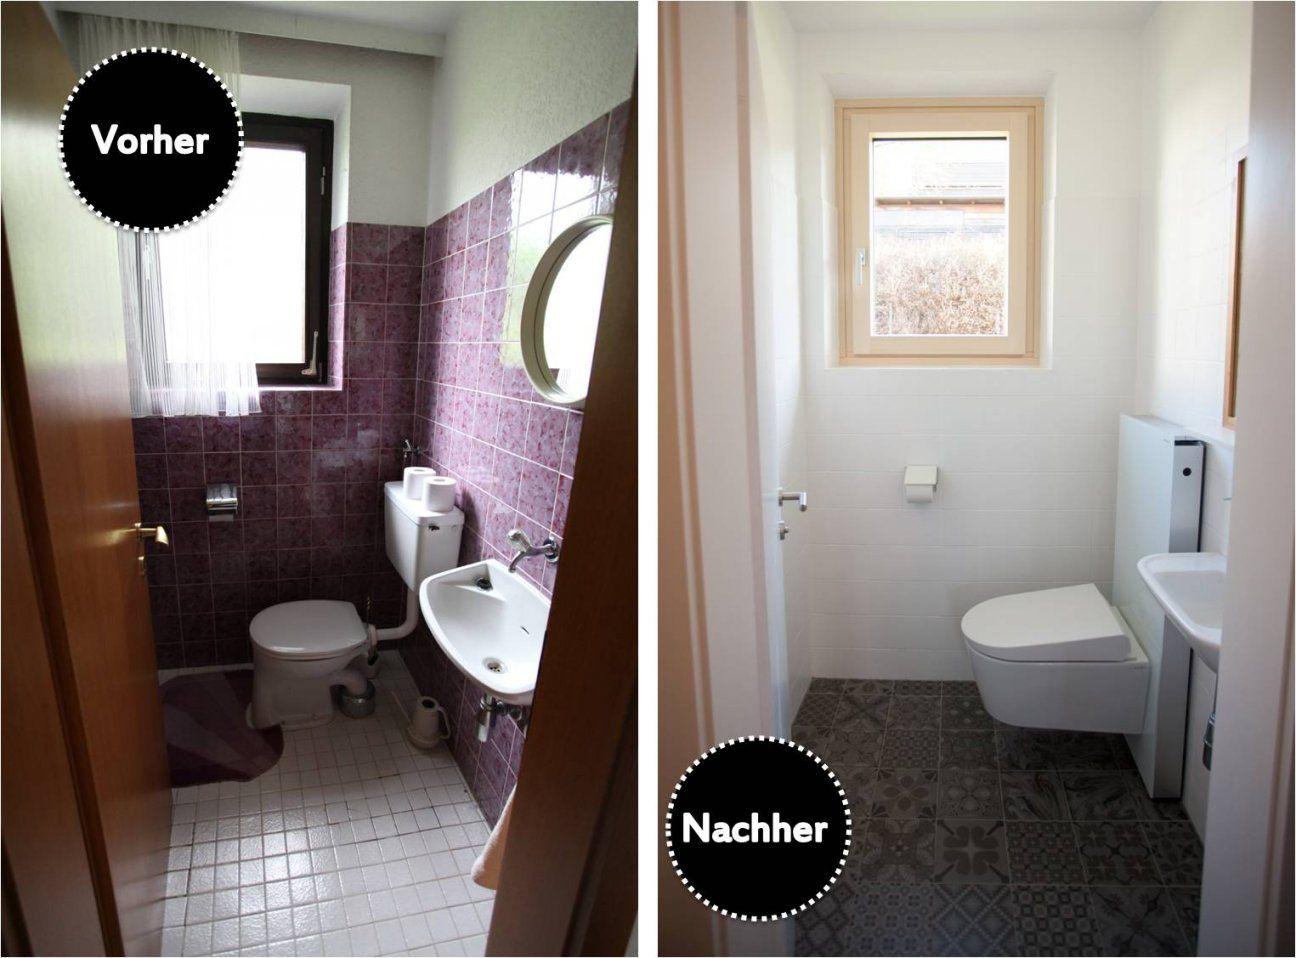 Lobeshymne Auf Unser Neues Duschwc  Wohnprojekt  Wohnblog Für von Gäste Wc Fliesen Oder Streichen Photo